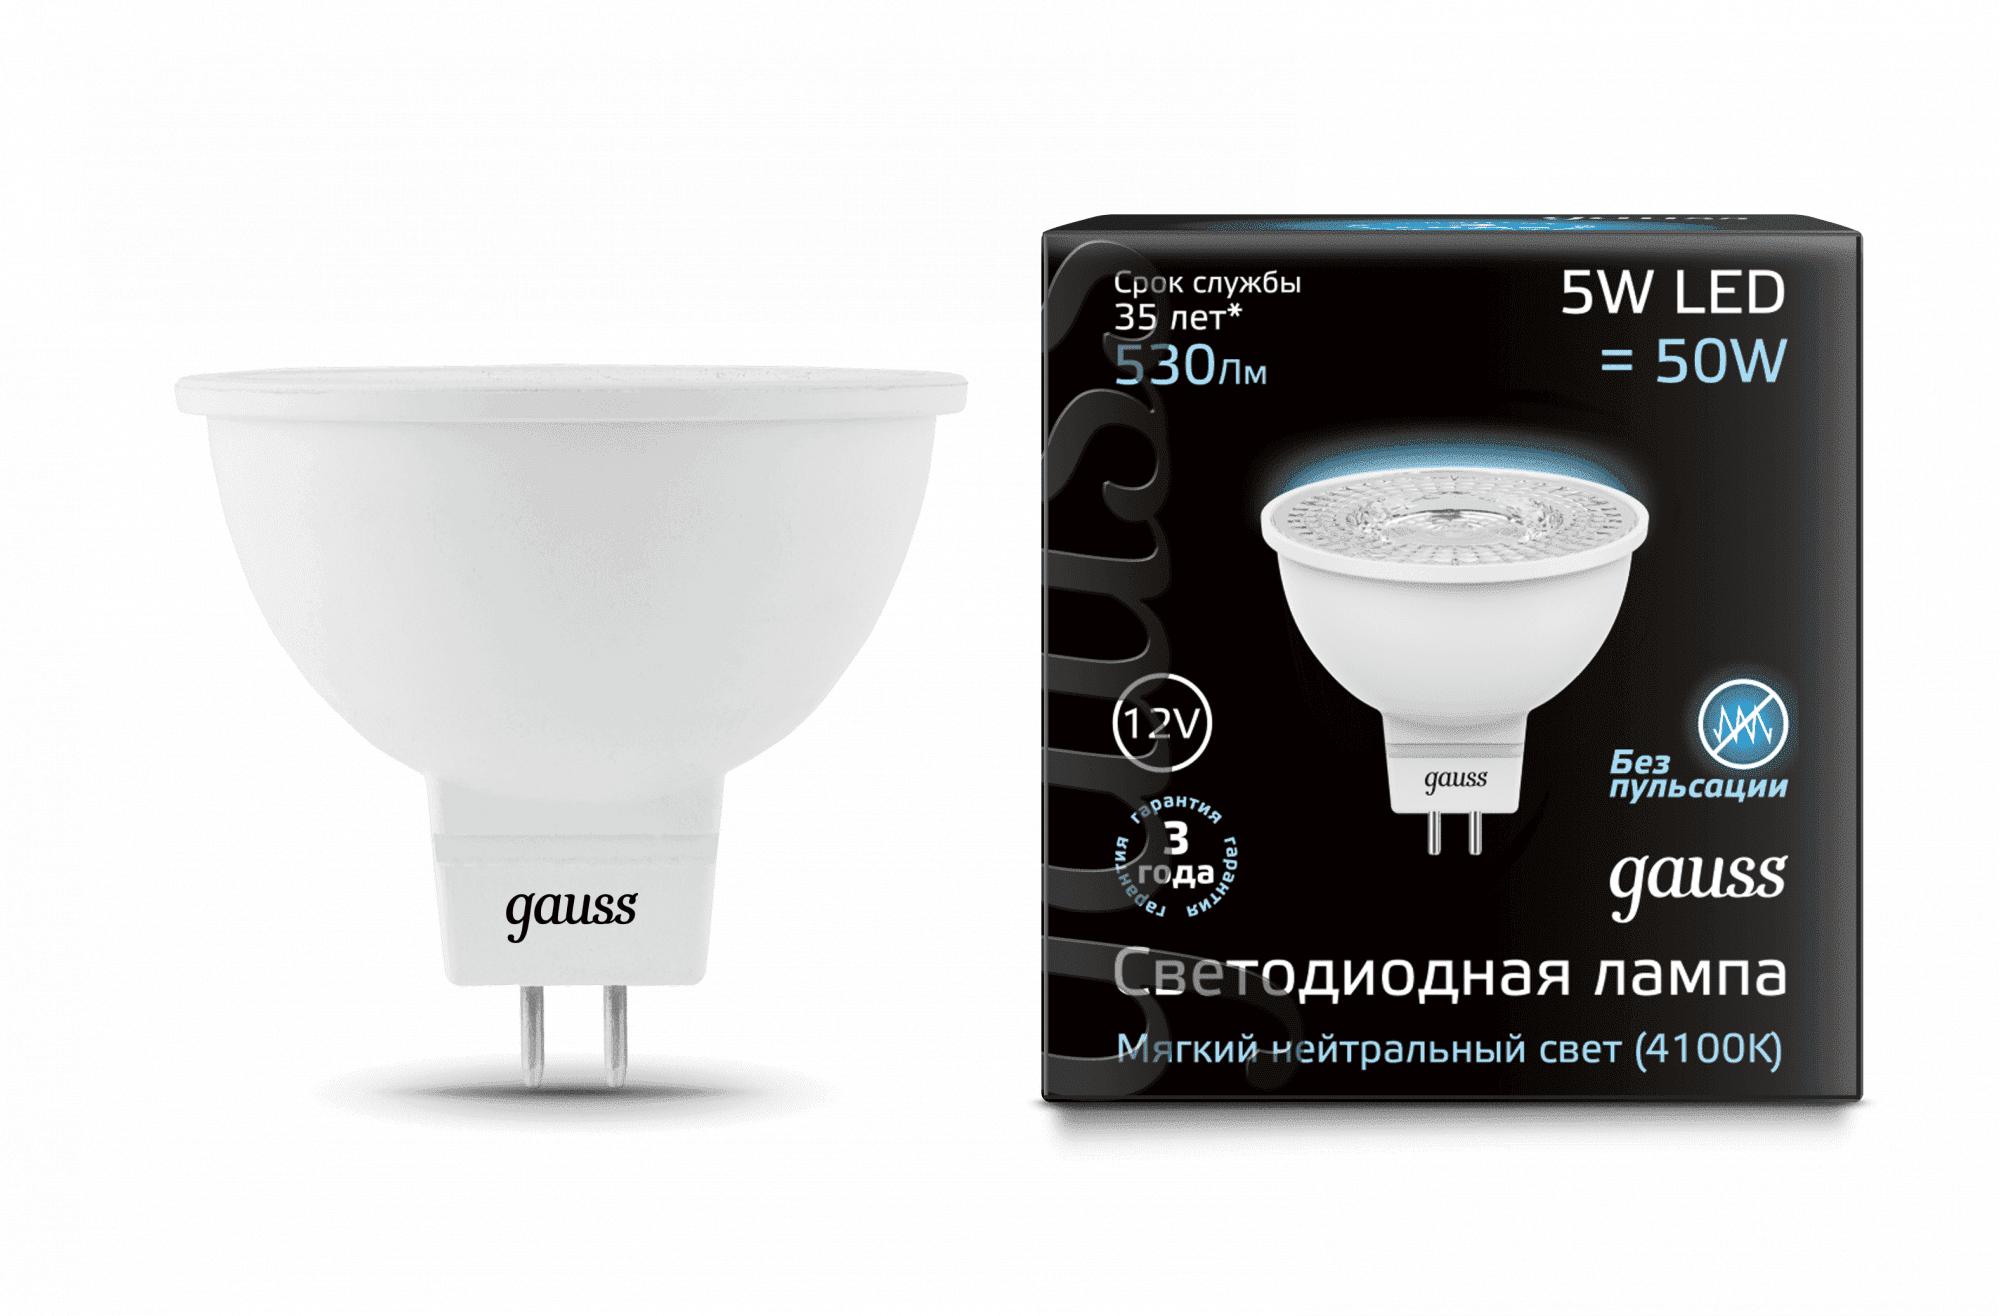 Gauss LED MR16 GU5.3 5W 12V 4100K 1/10/100 арт. 201505205